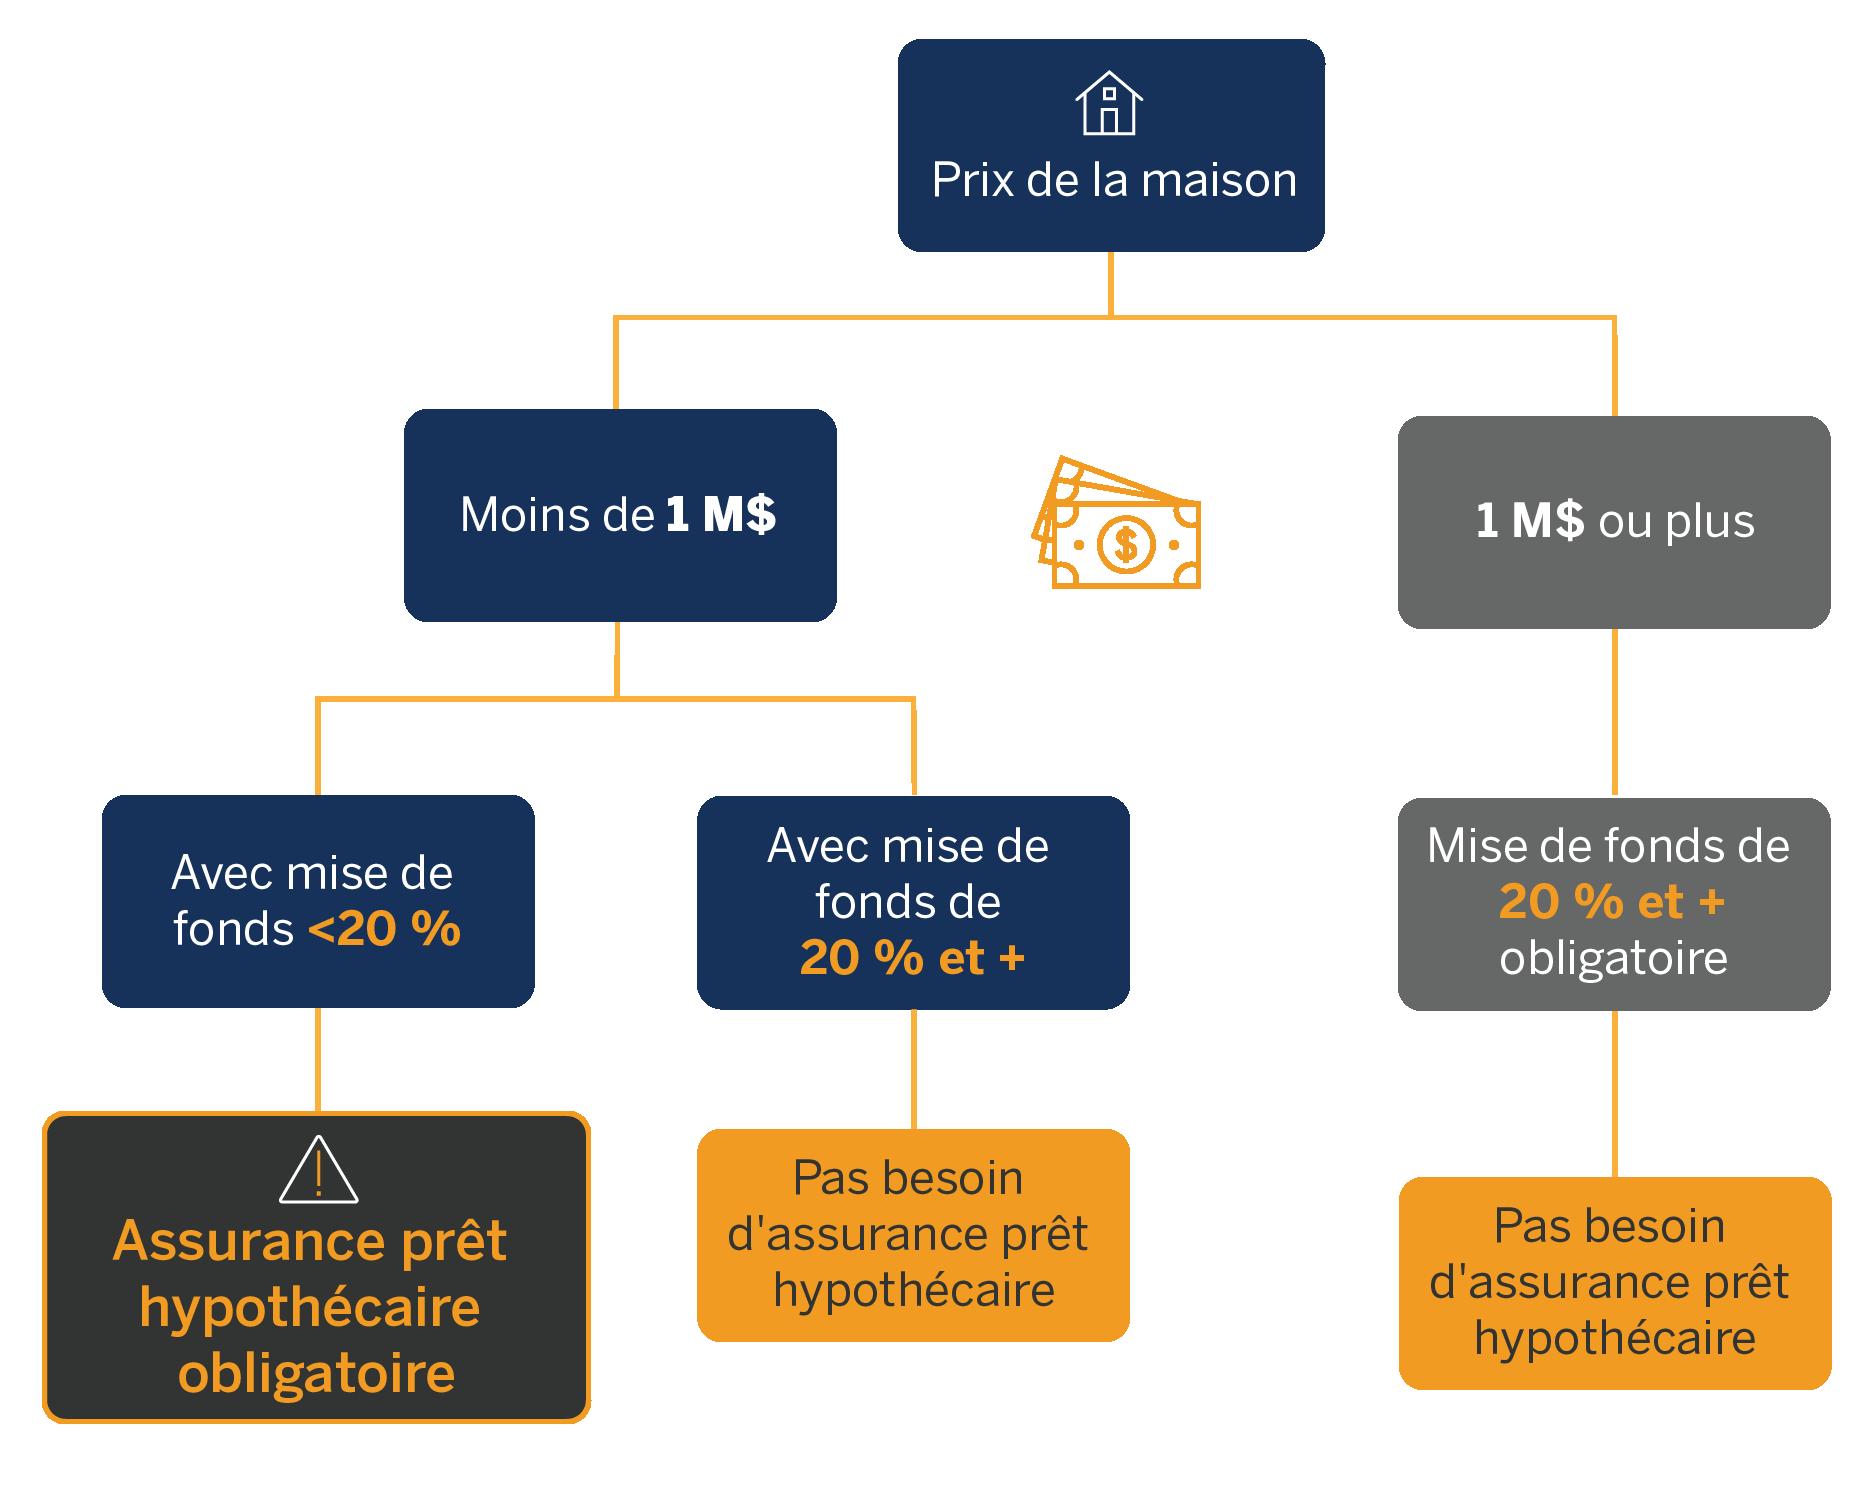 Organigramme illustrant les scénarios où l'assurance prêt hypothécaire est ou non obligatoire